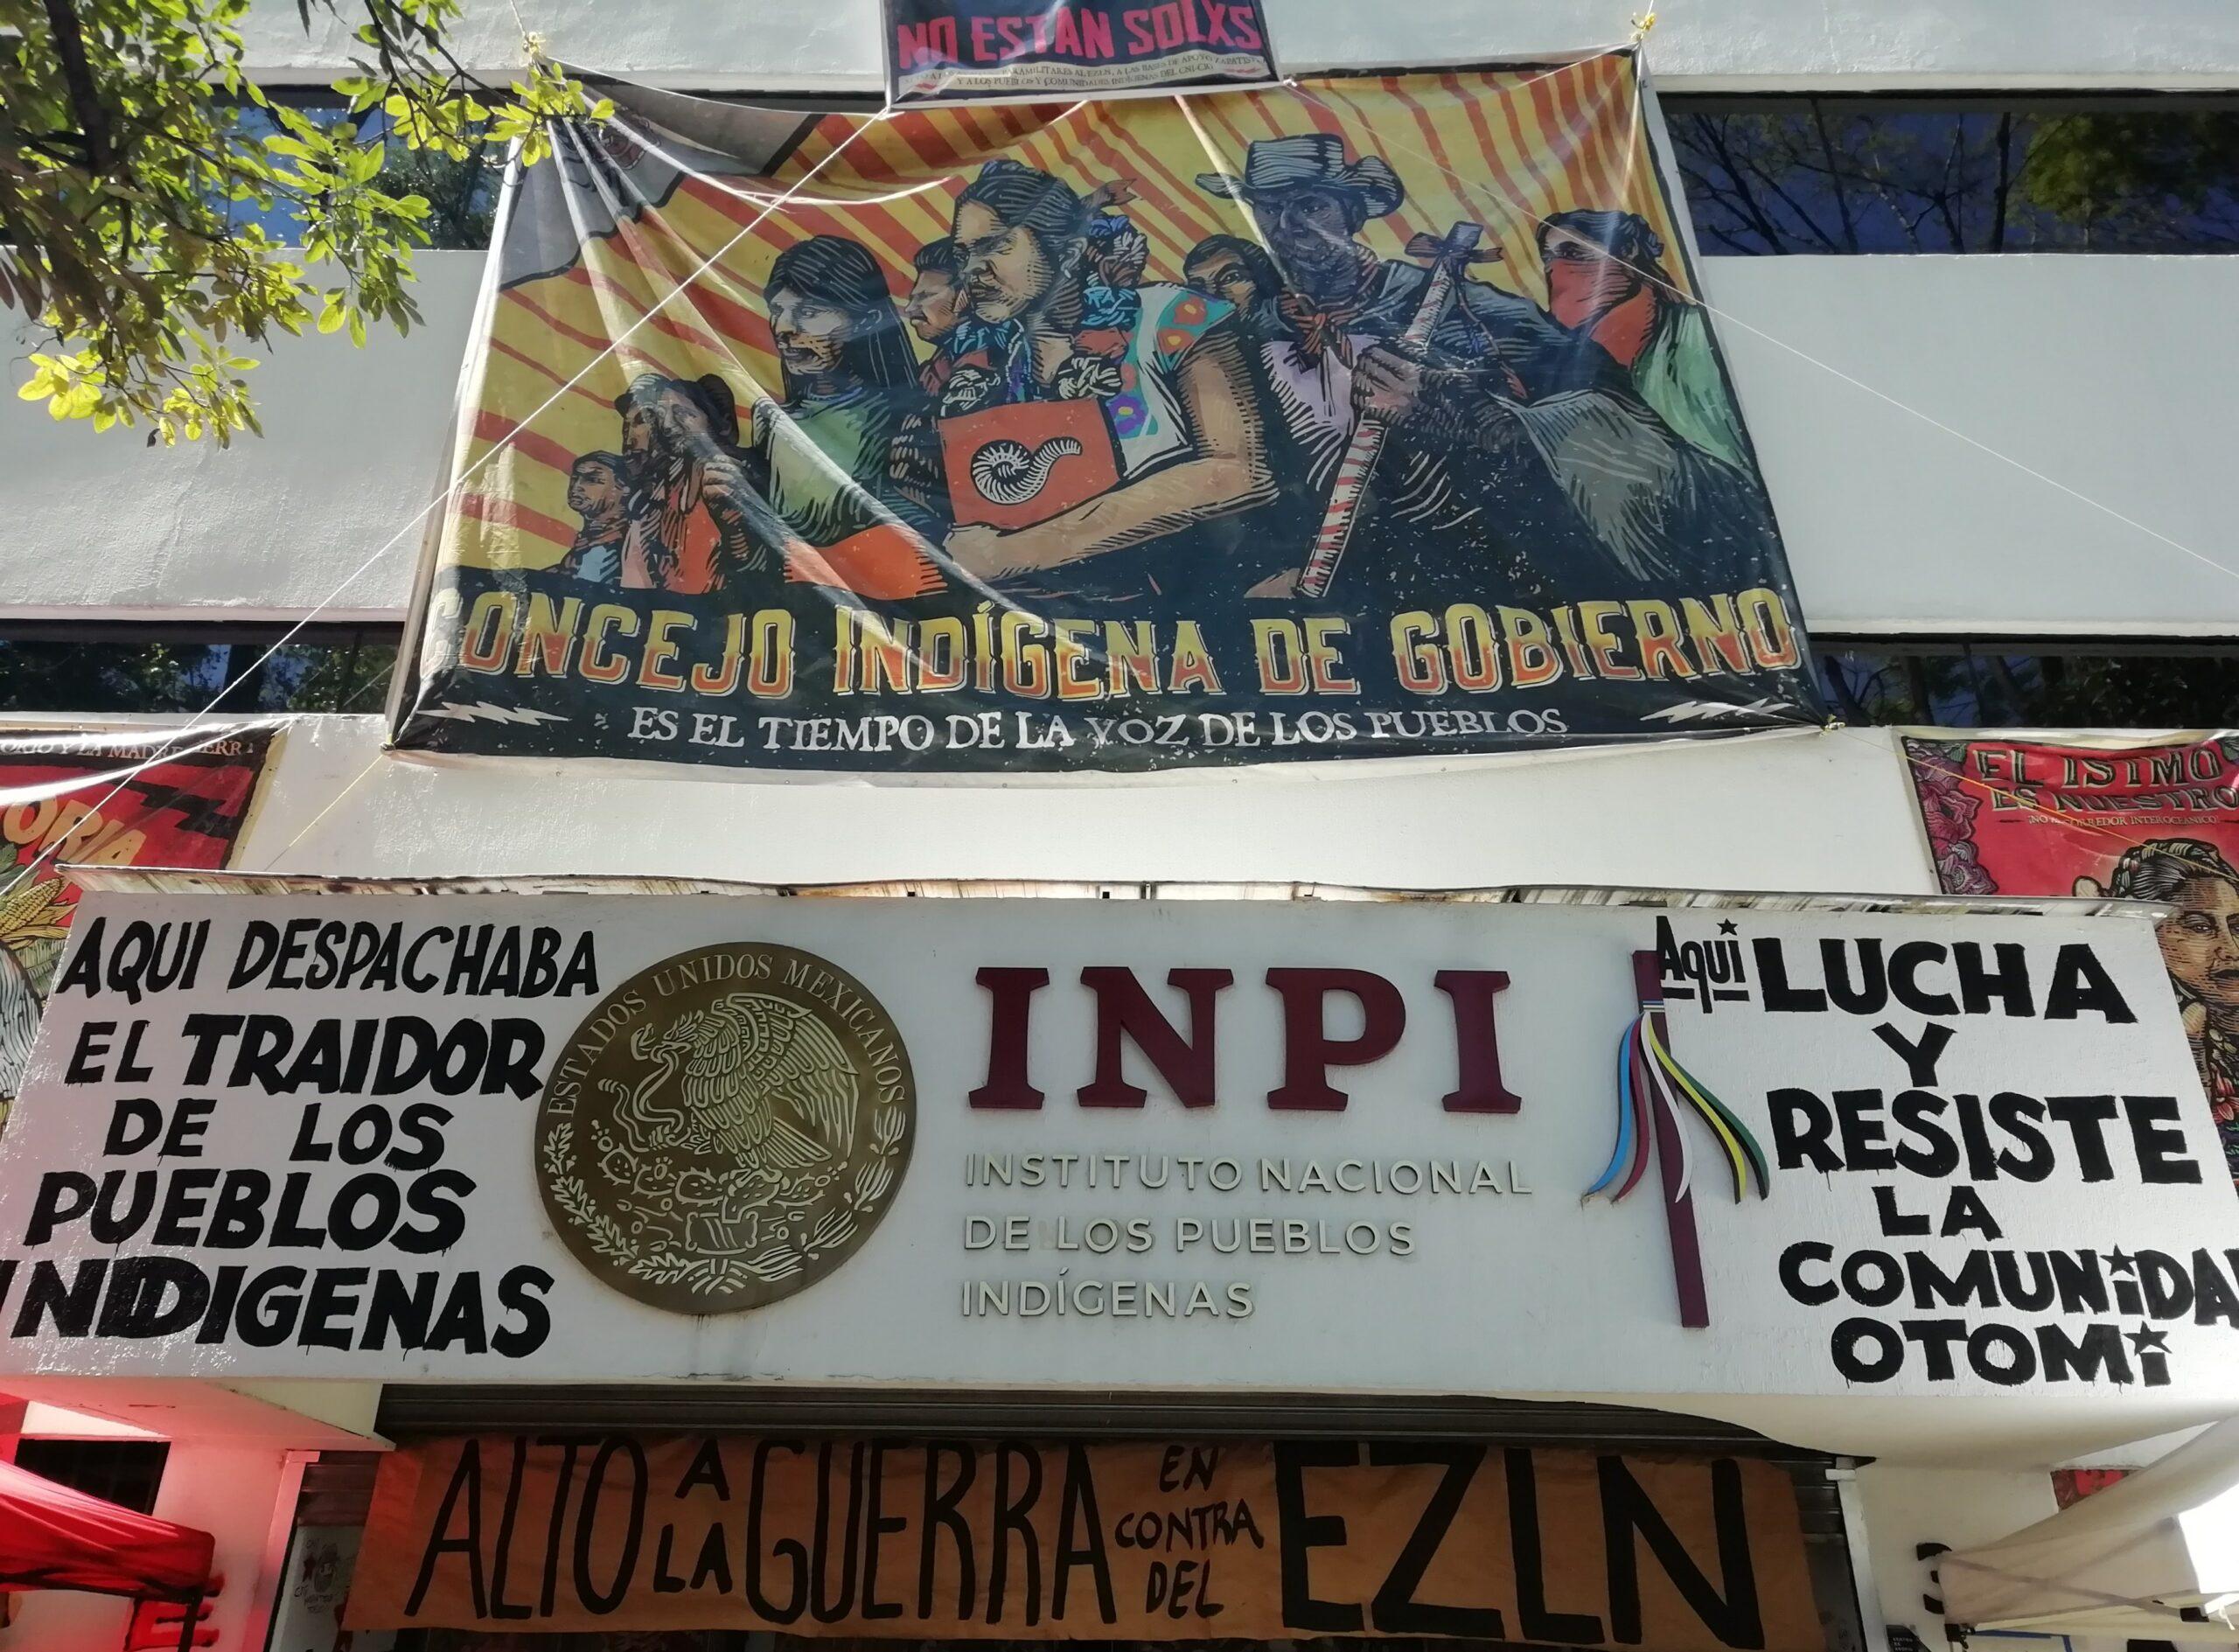 Comunidad Otomí mantiene ocupación del INPI y muestran documentos oficiales que prueban compromisos no cumplidos.